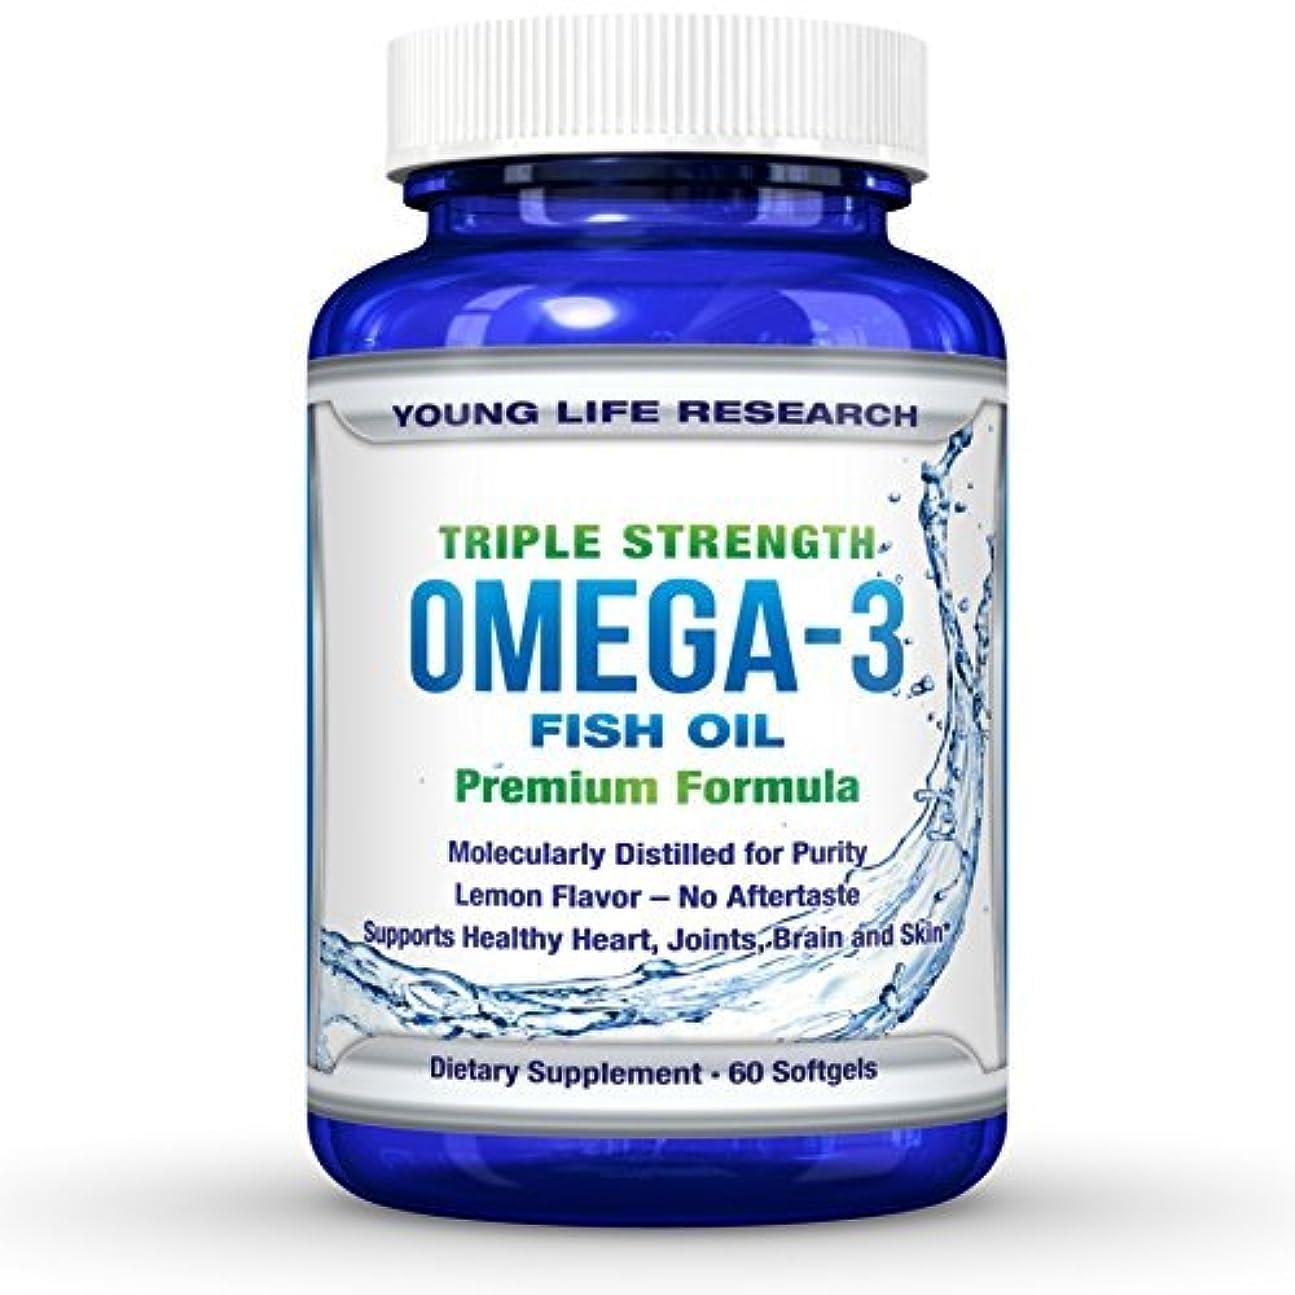 事業内容宇宙オートメーションFISH OIL OMEGA 3 - Triple Strength Ultra-Purified Professional Grade - By Young Life Research by Young Life Research [並行輸入品]